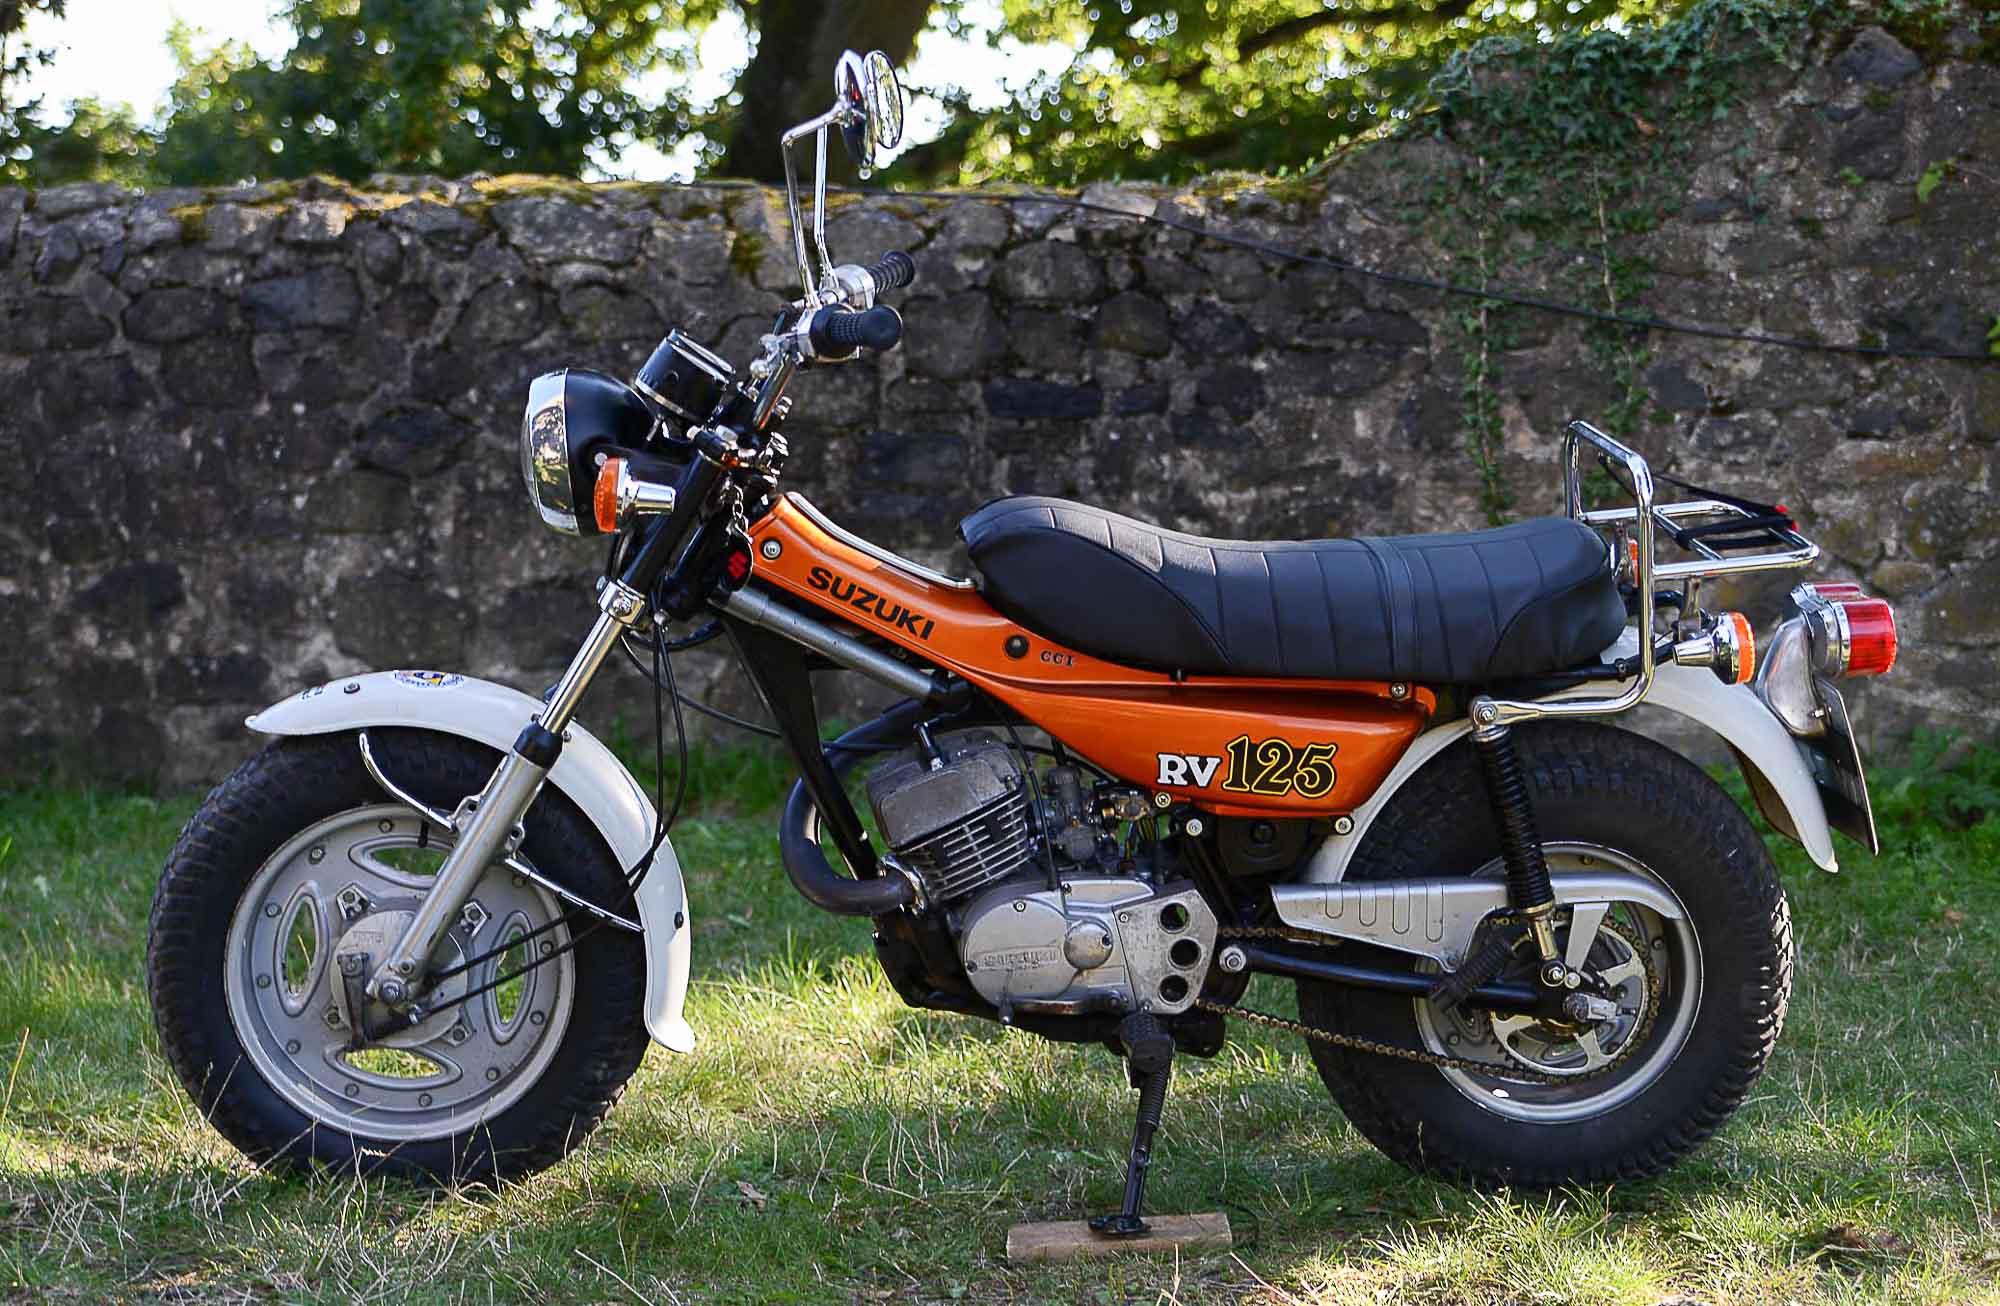 SUZUKI RV 125 (1977-1981)